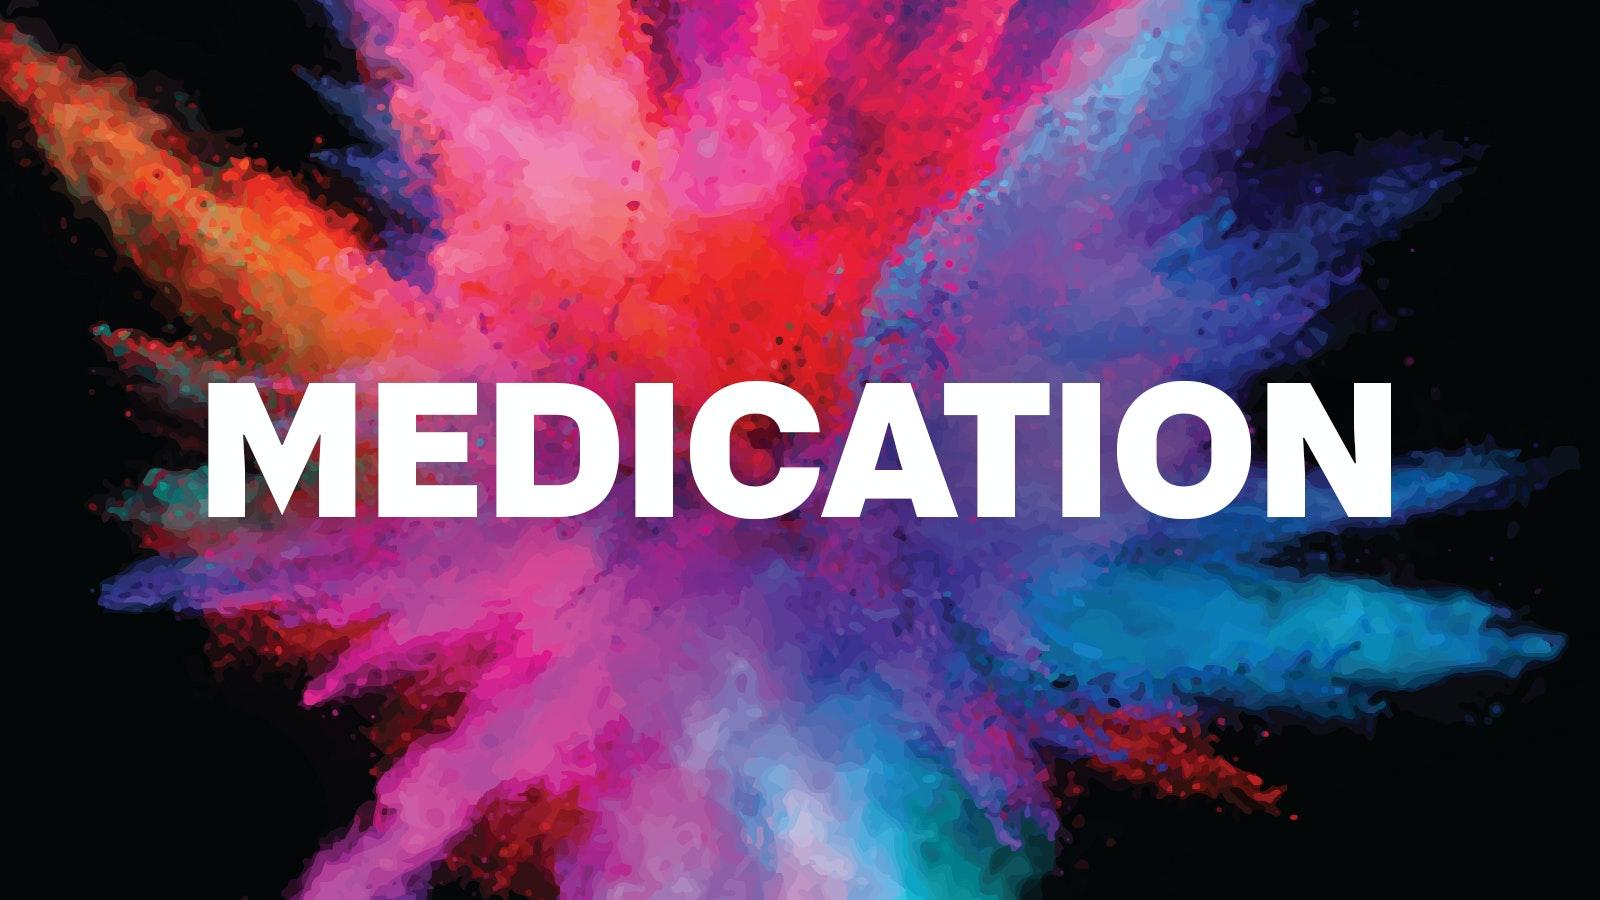 MEDICATION 27.03.20